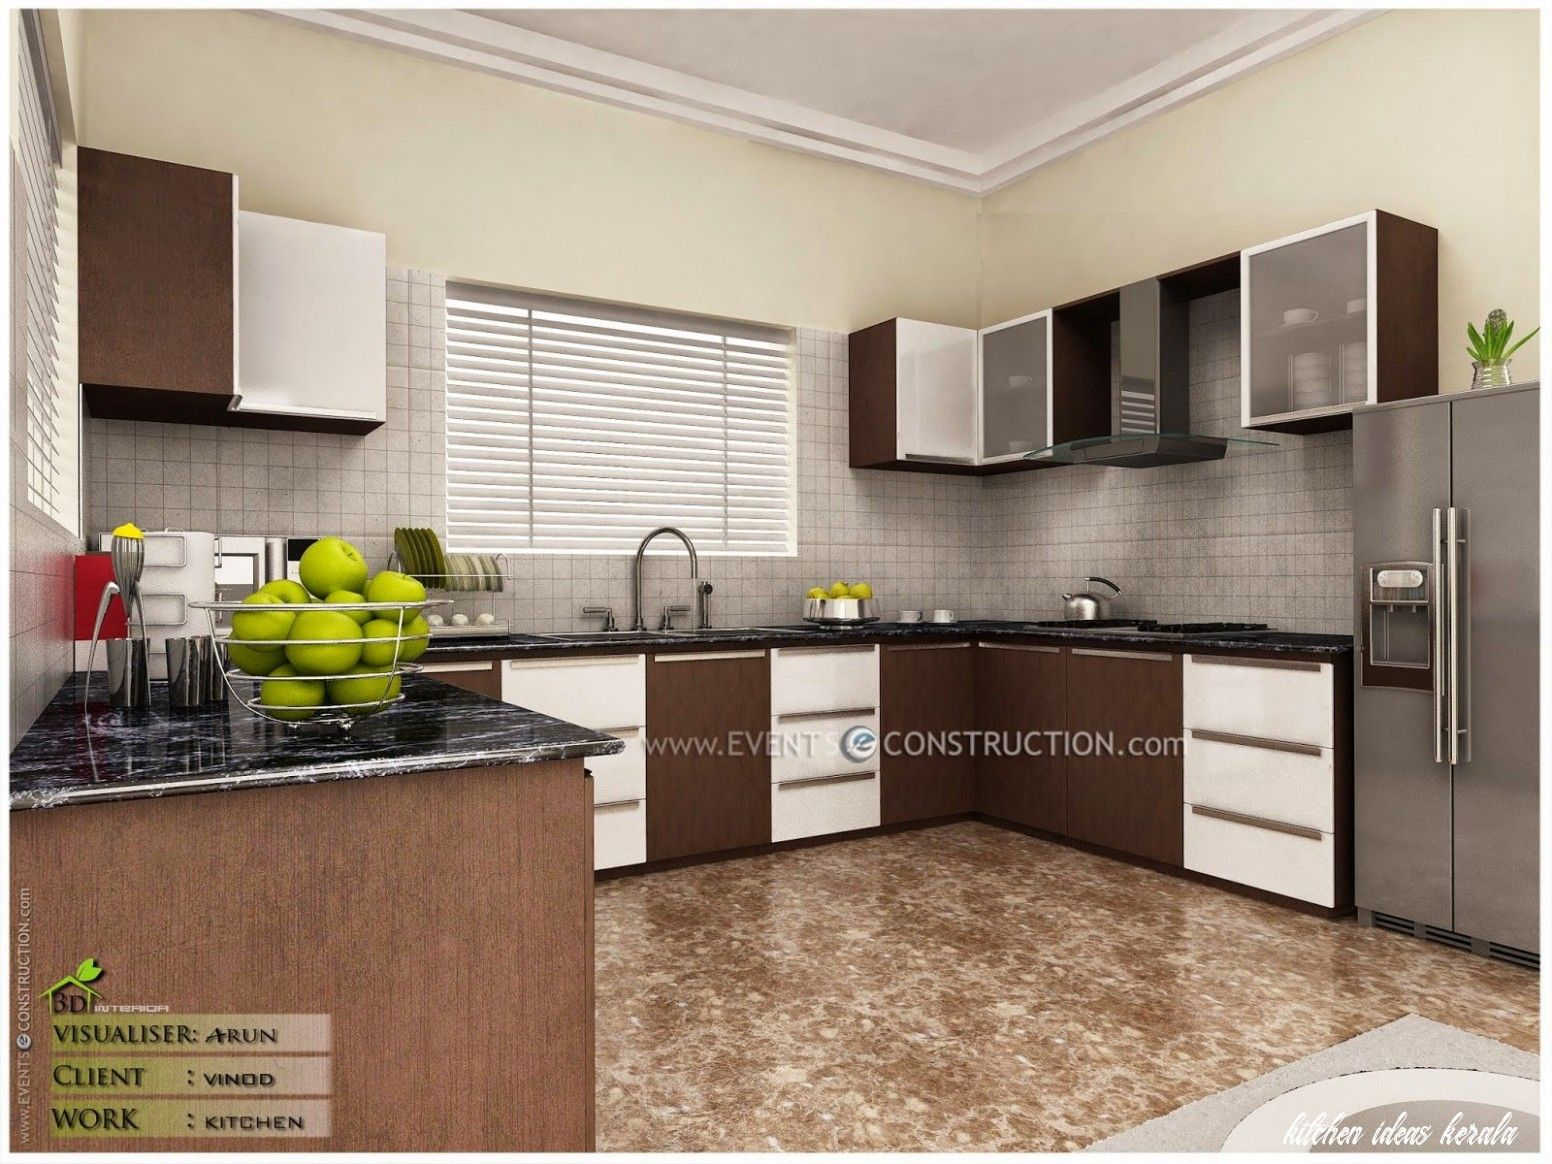 9 Kitchen Ideas Kerala   Interior design kitchen, Modern kitchen ...